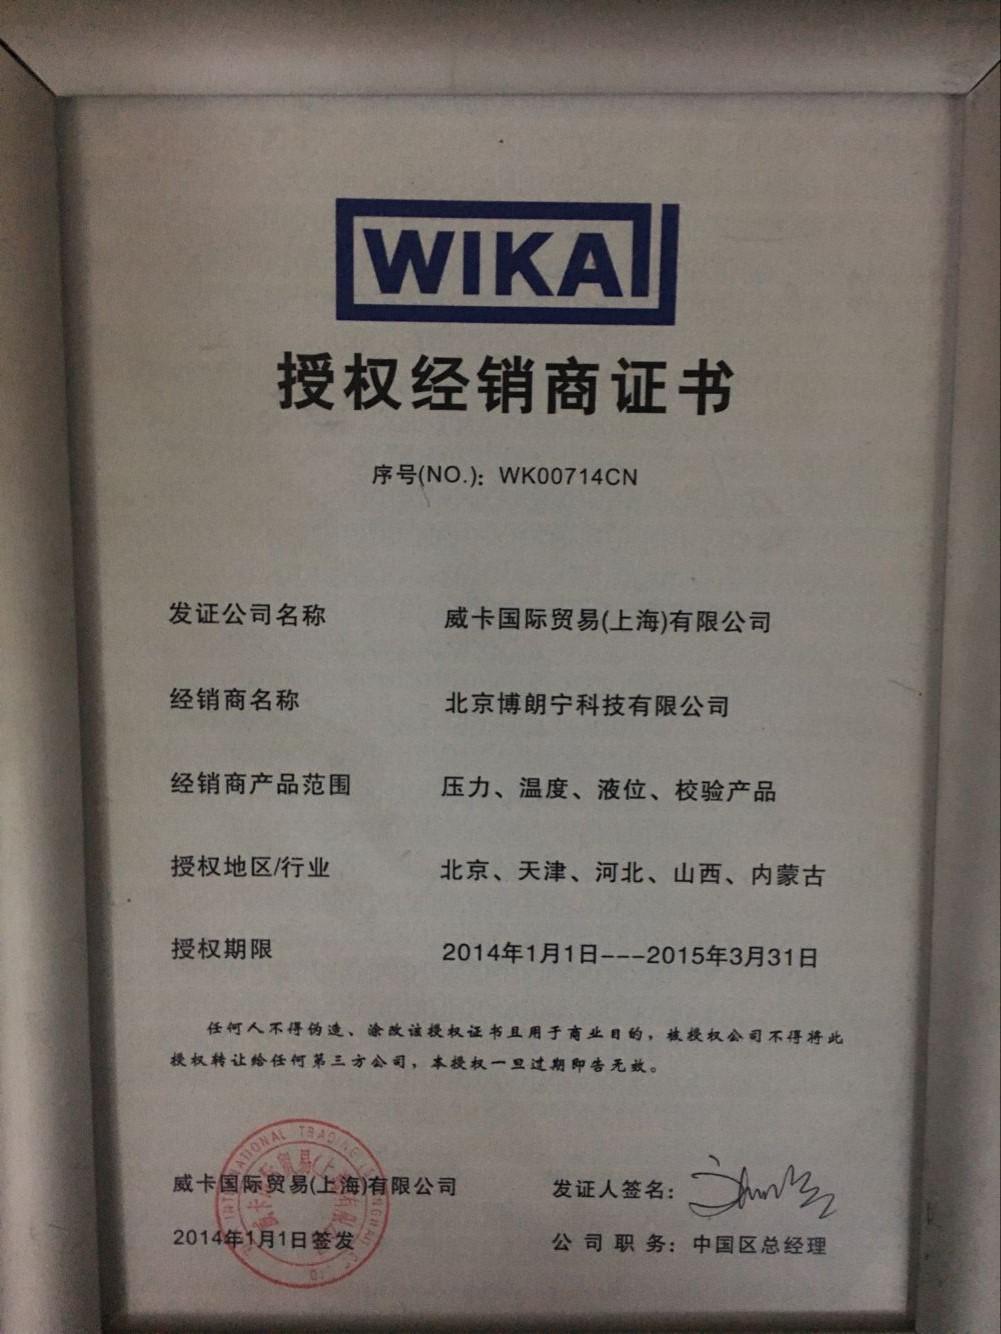 wika授权